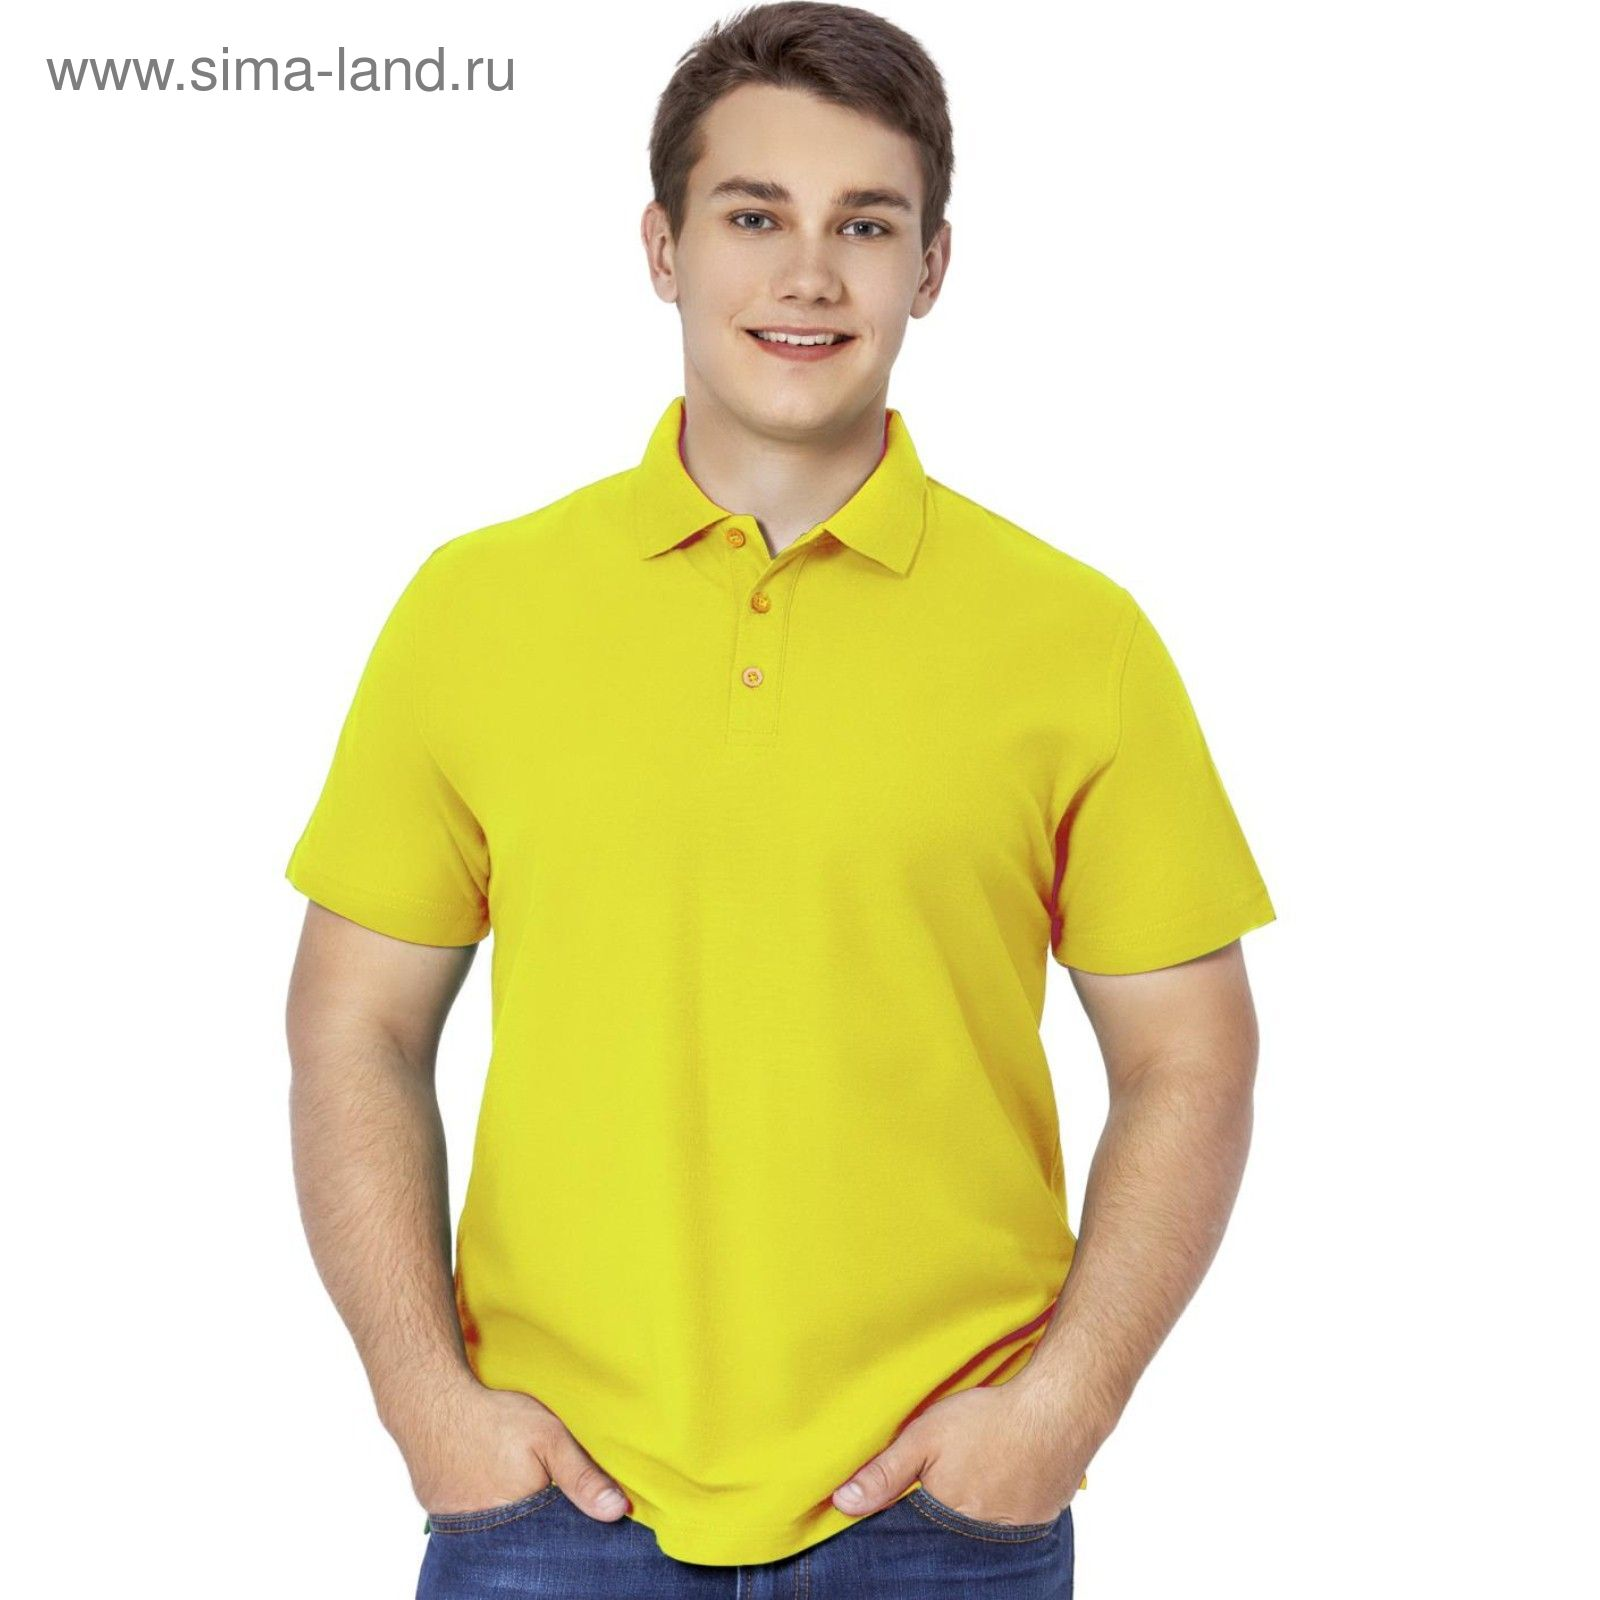 c54910529d0 Рубашка-поло мужская StanPremier